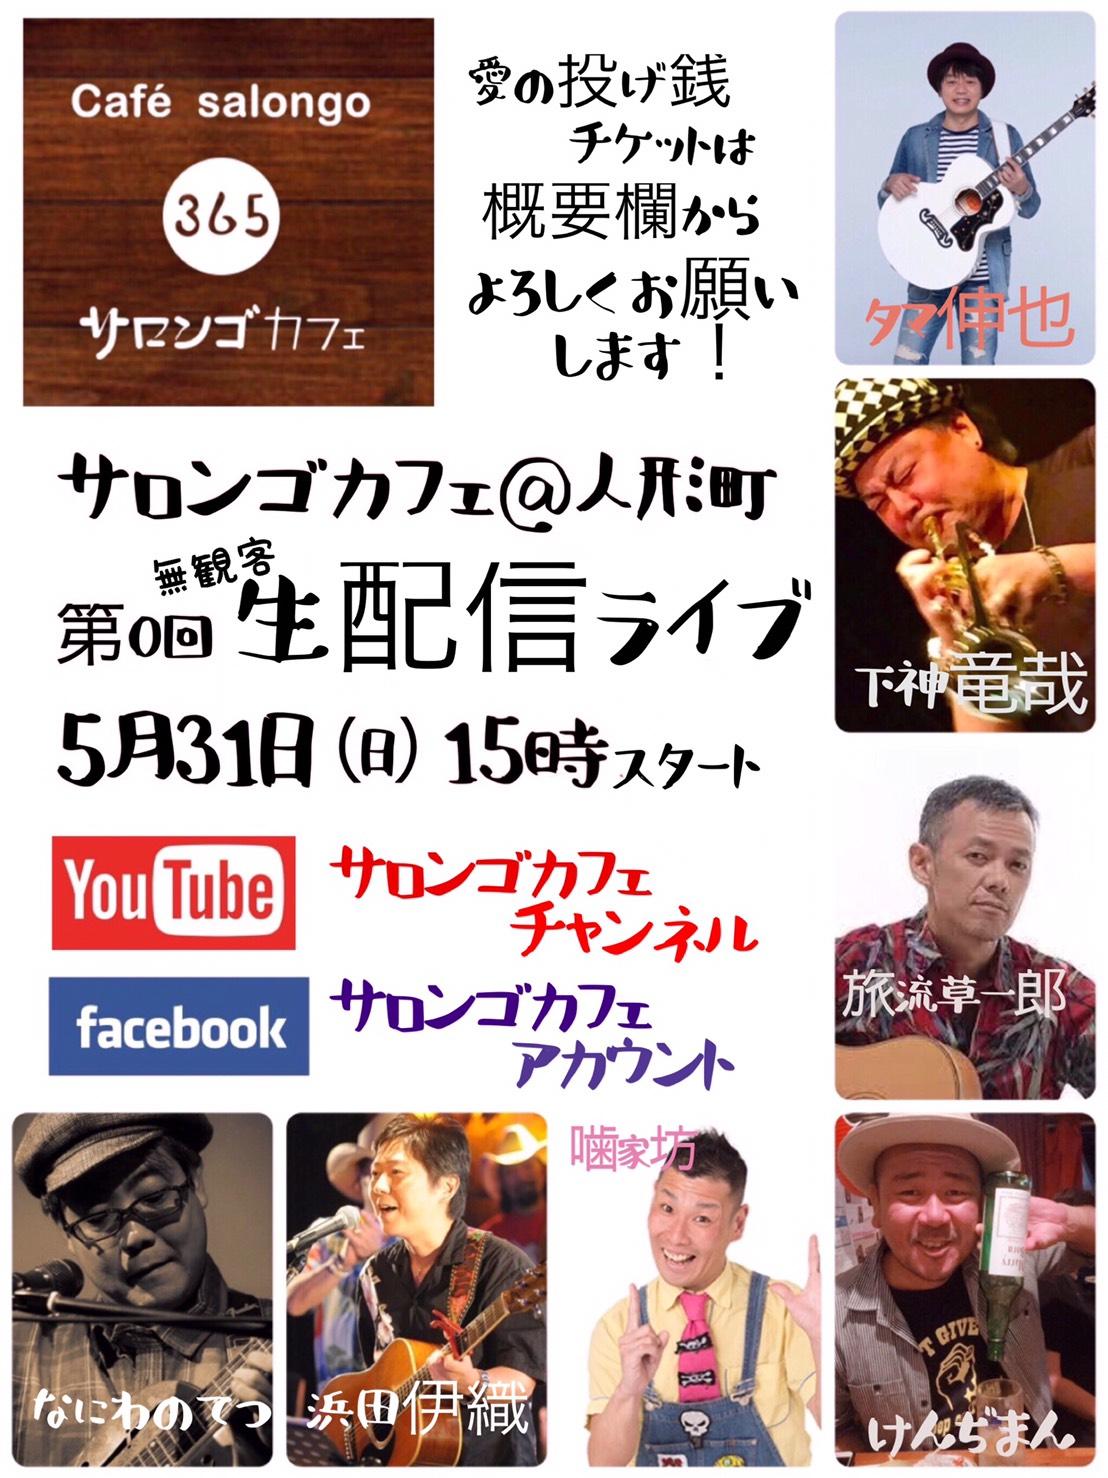 【噛家坊出演】サロンゴカフェ第0回無観客生配信ライブ!